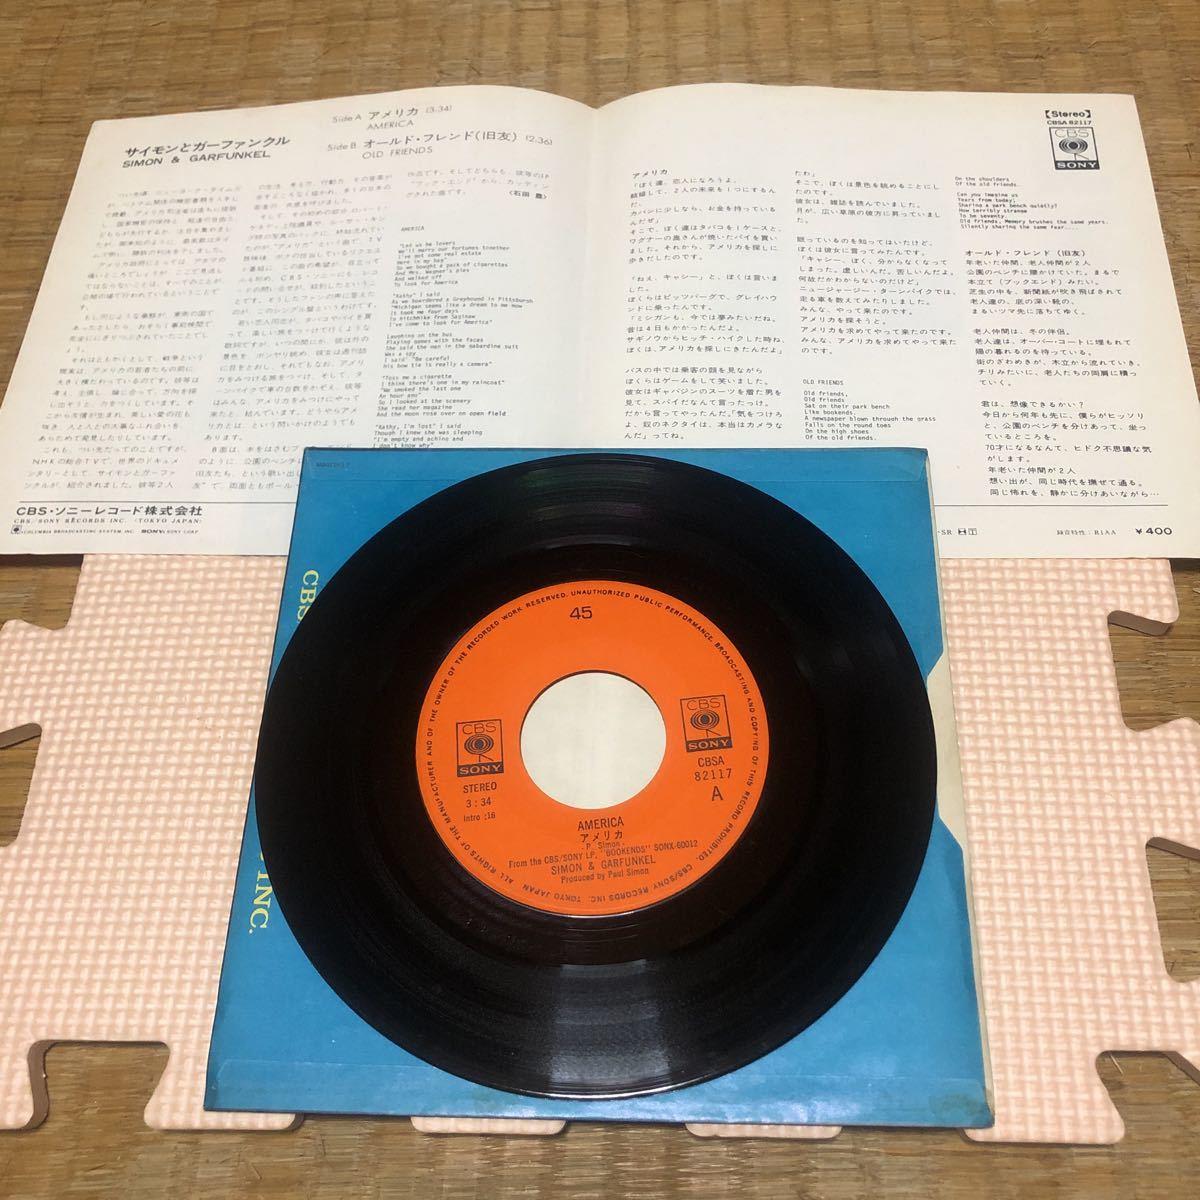 サイモン&ガーファンクル アメリカ 国内盤7インチシングルレコード